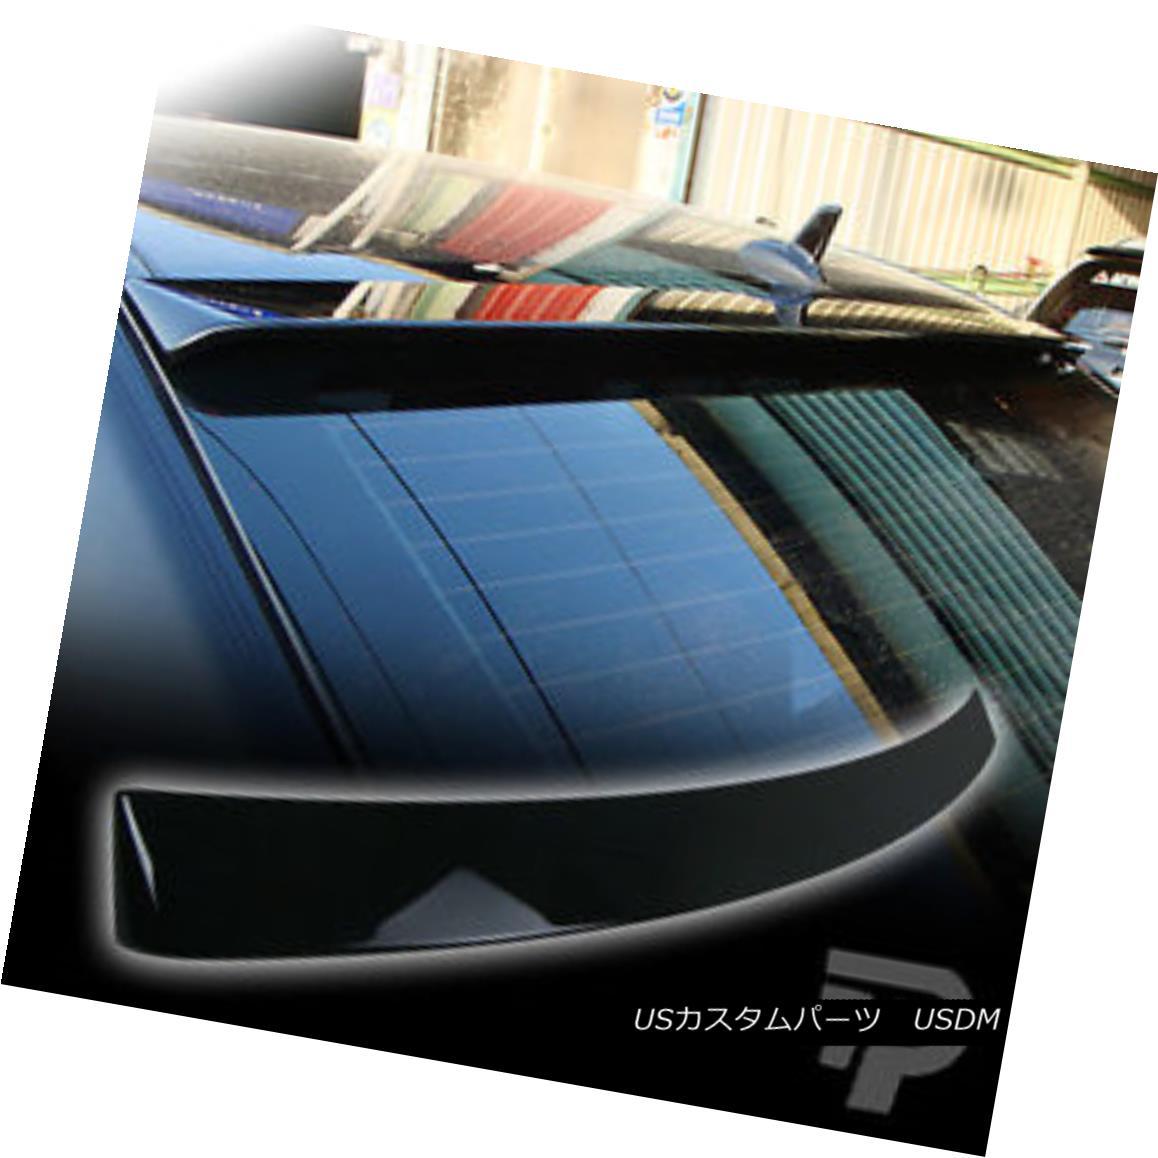 エアロパーツ PAINTED Mercedes BENZ W212 OE ROOF WING REAR SPOILER NEW 10 11 ▼ 塗装されたメルセデスベンツW212 OEルーフウィングリアスポイラーNEW 10 11?